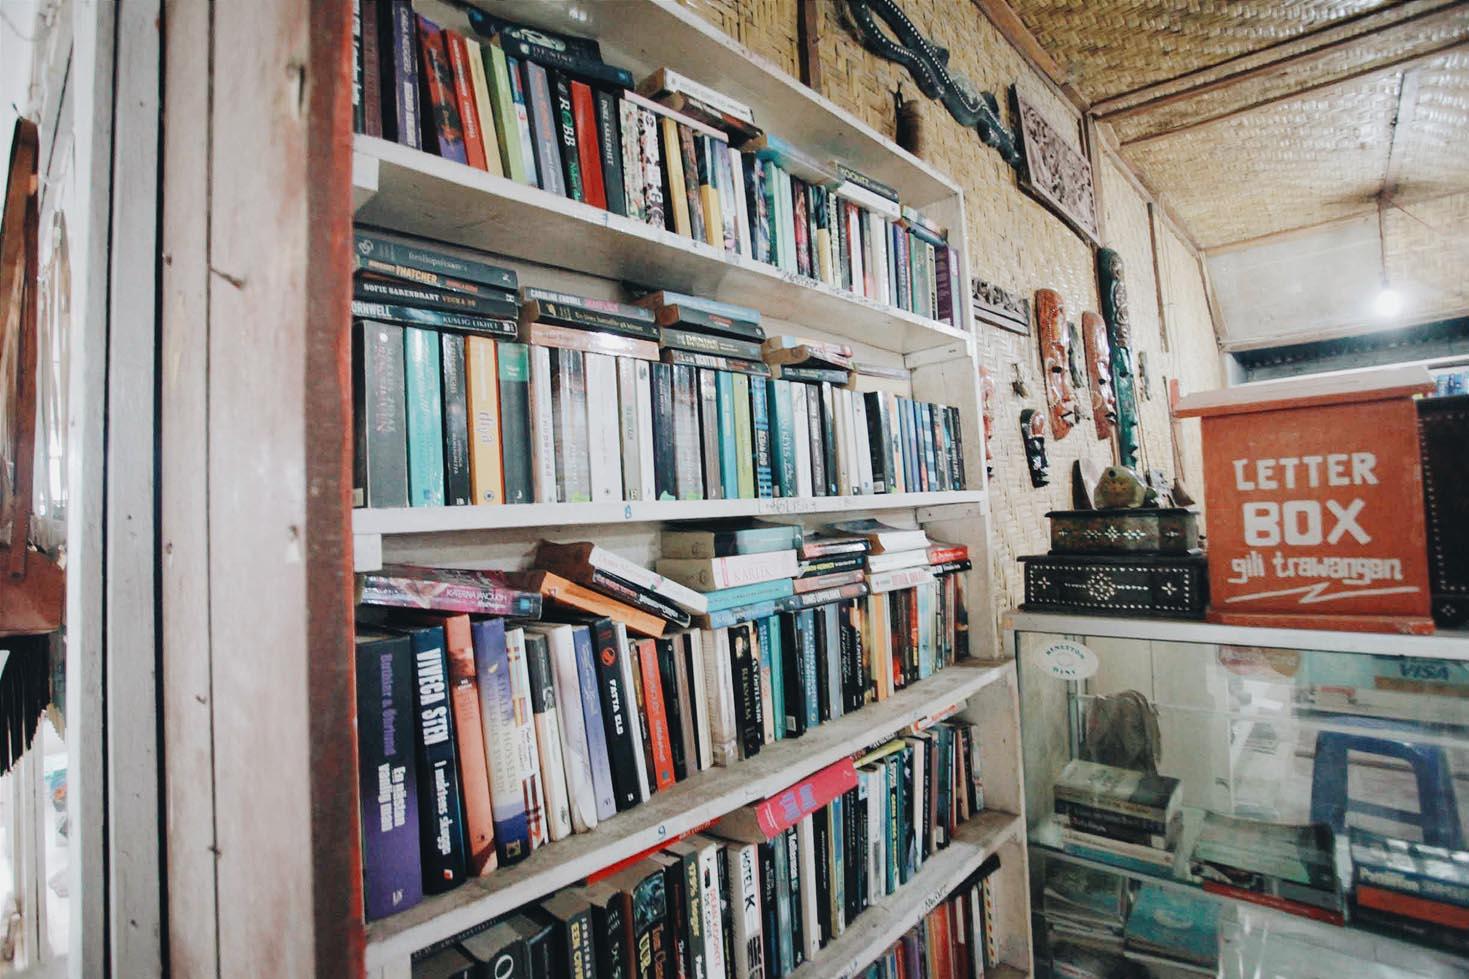 Koleksi buku dan Kotak Pos di William Book Shop